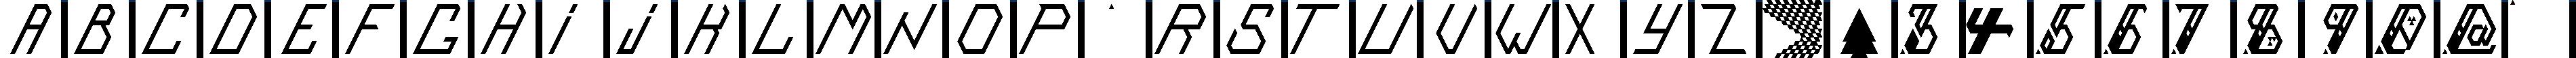 Particip-a-type v.310